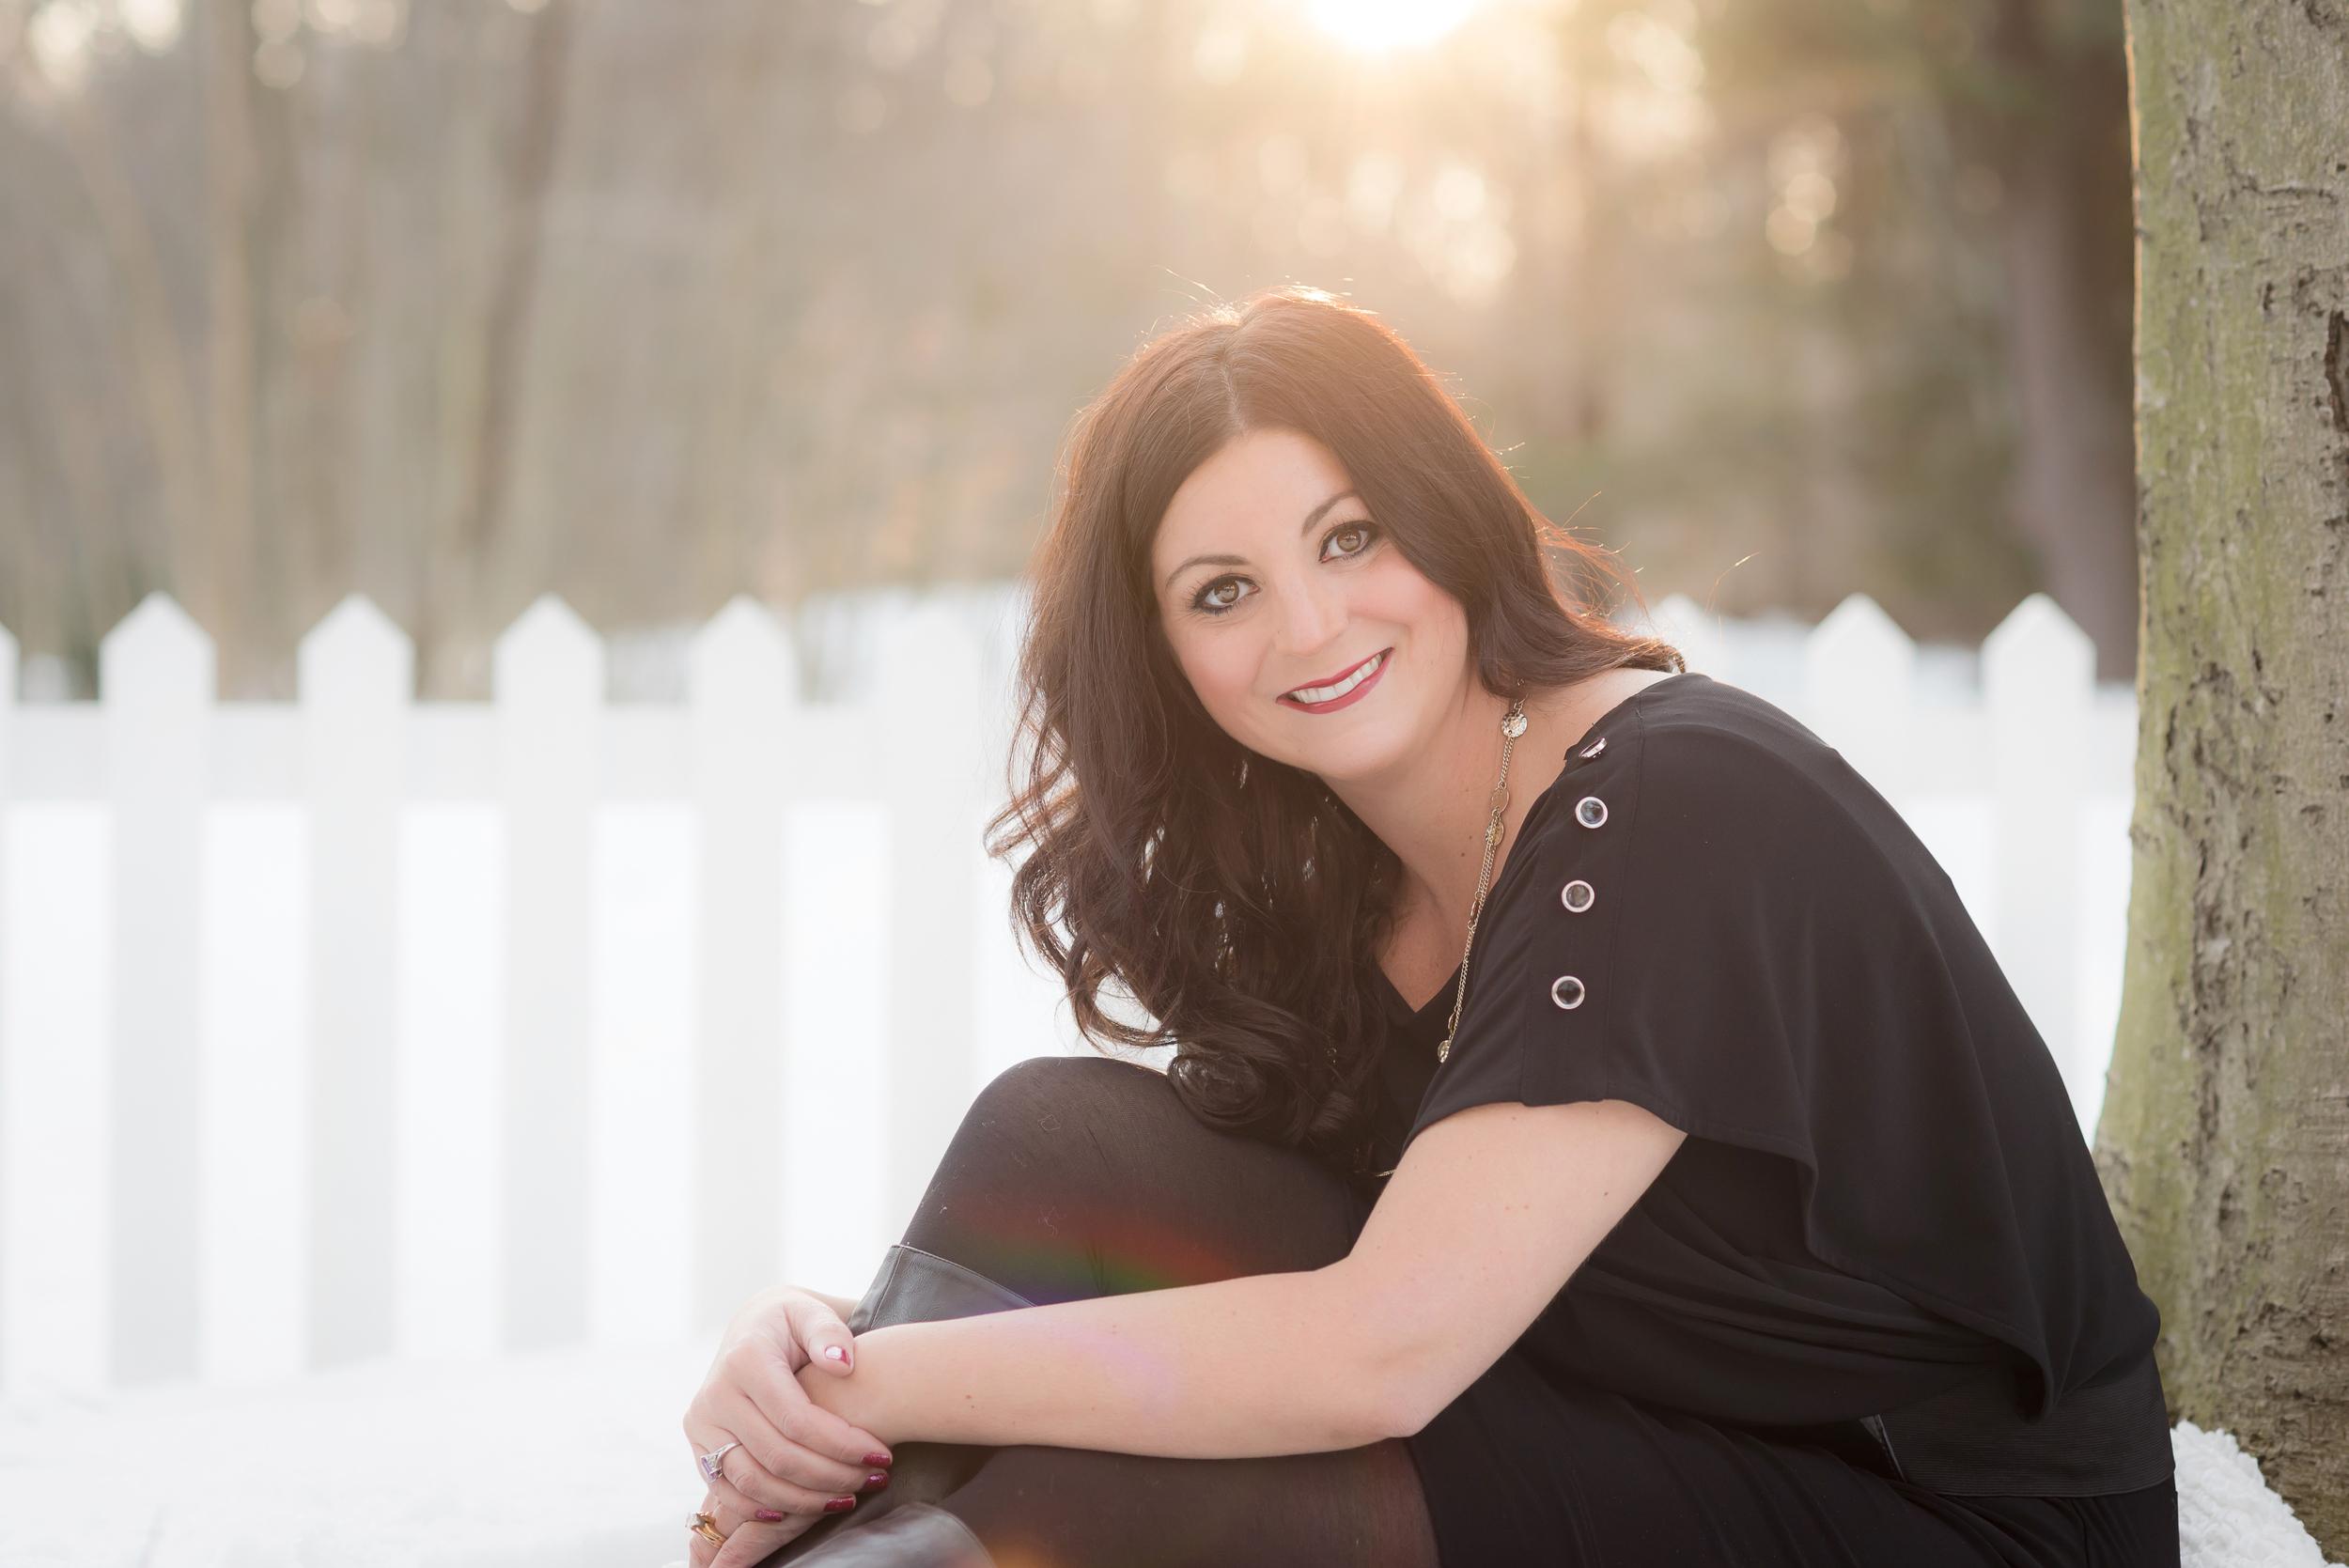 Allison-Bower-Makeup-Artist.jpg